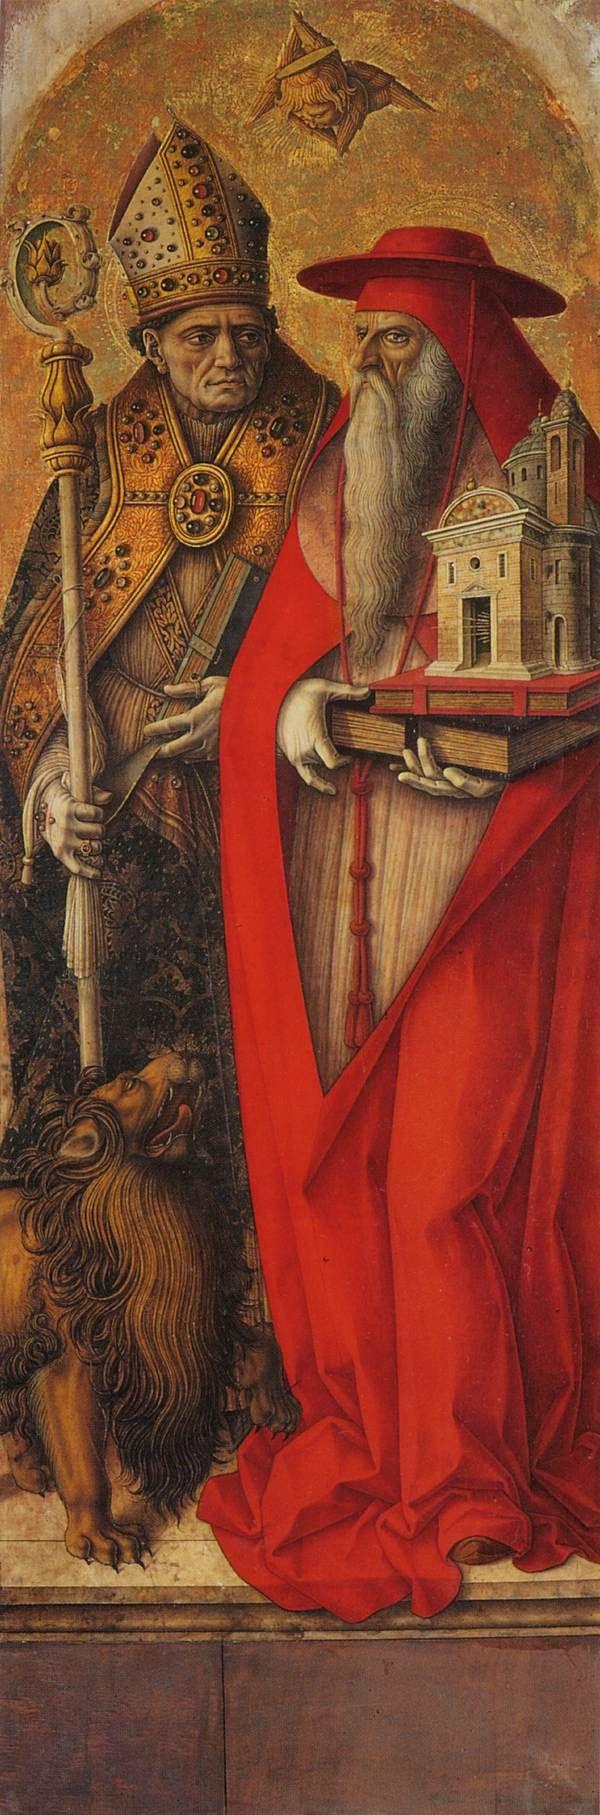 Vittore et Carlo Crivelli,15ème siècle. -Intéressant et oublié-vie et curiosités des époques passées.